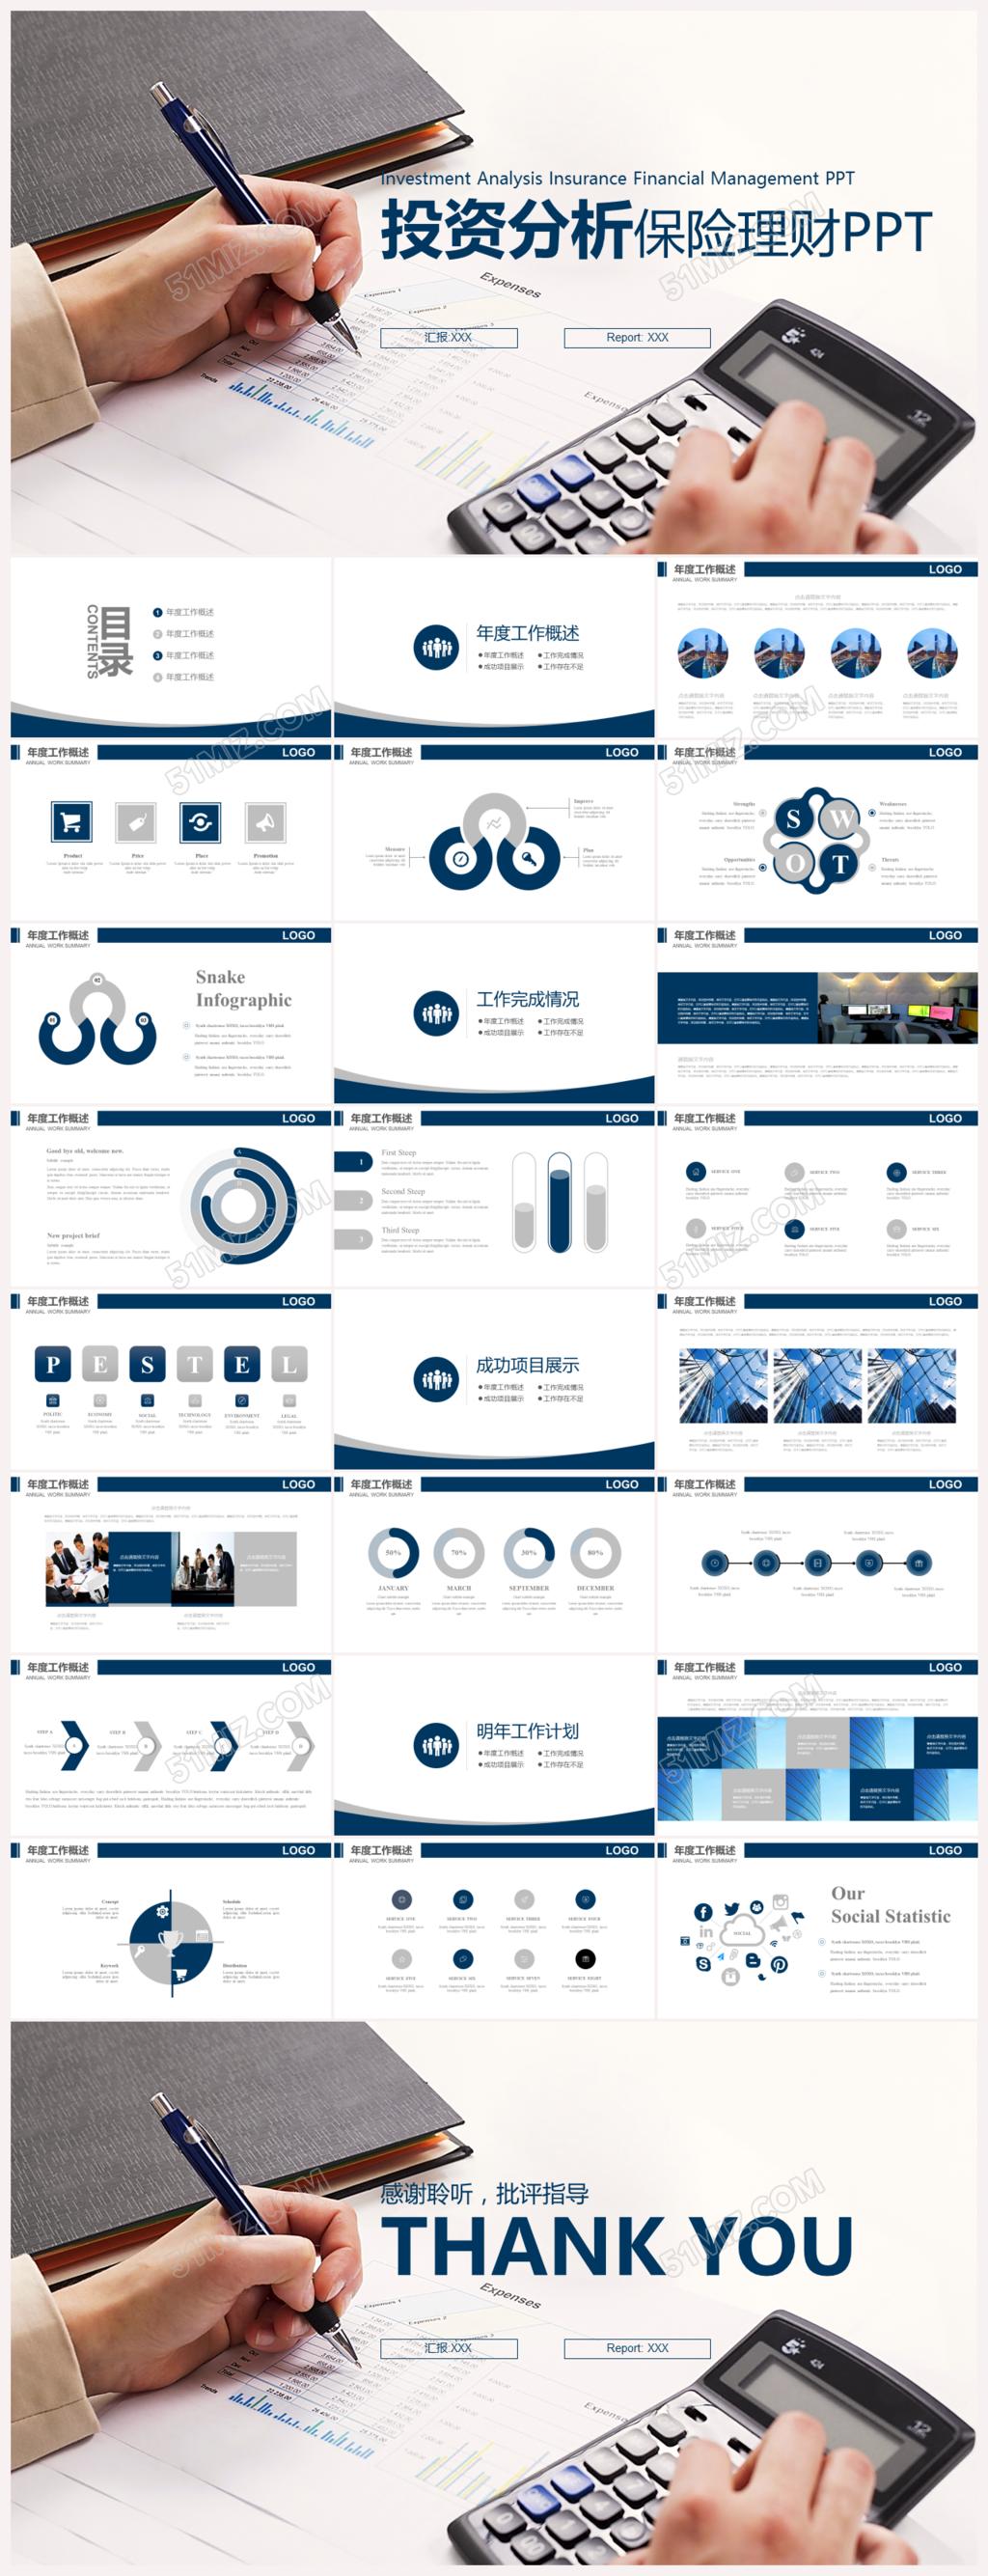 绿色营销案例分析_白绿色投资分析保险理财案例分析PPT模板下载 - 觅知网